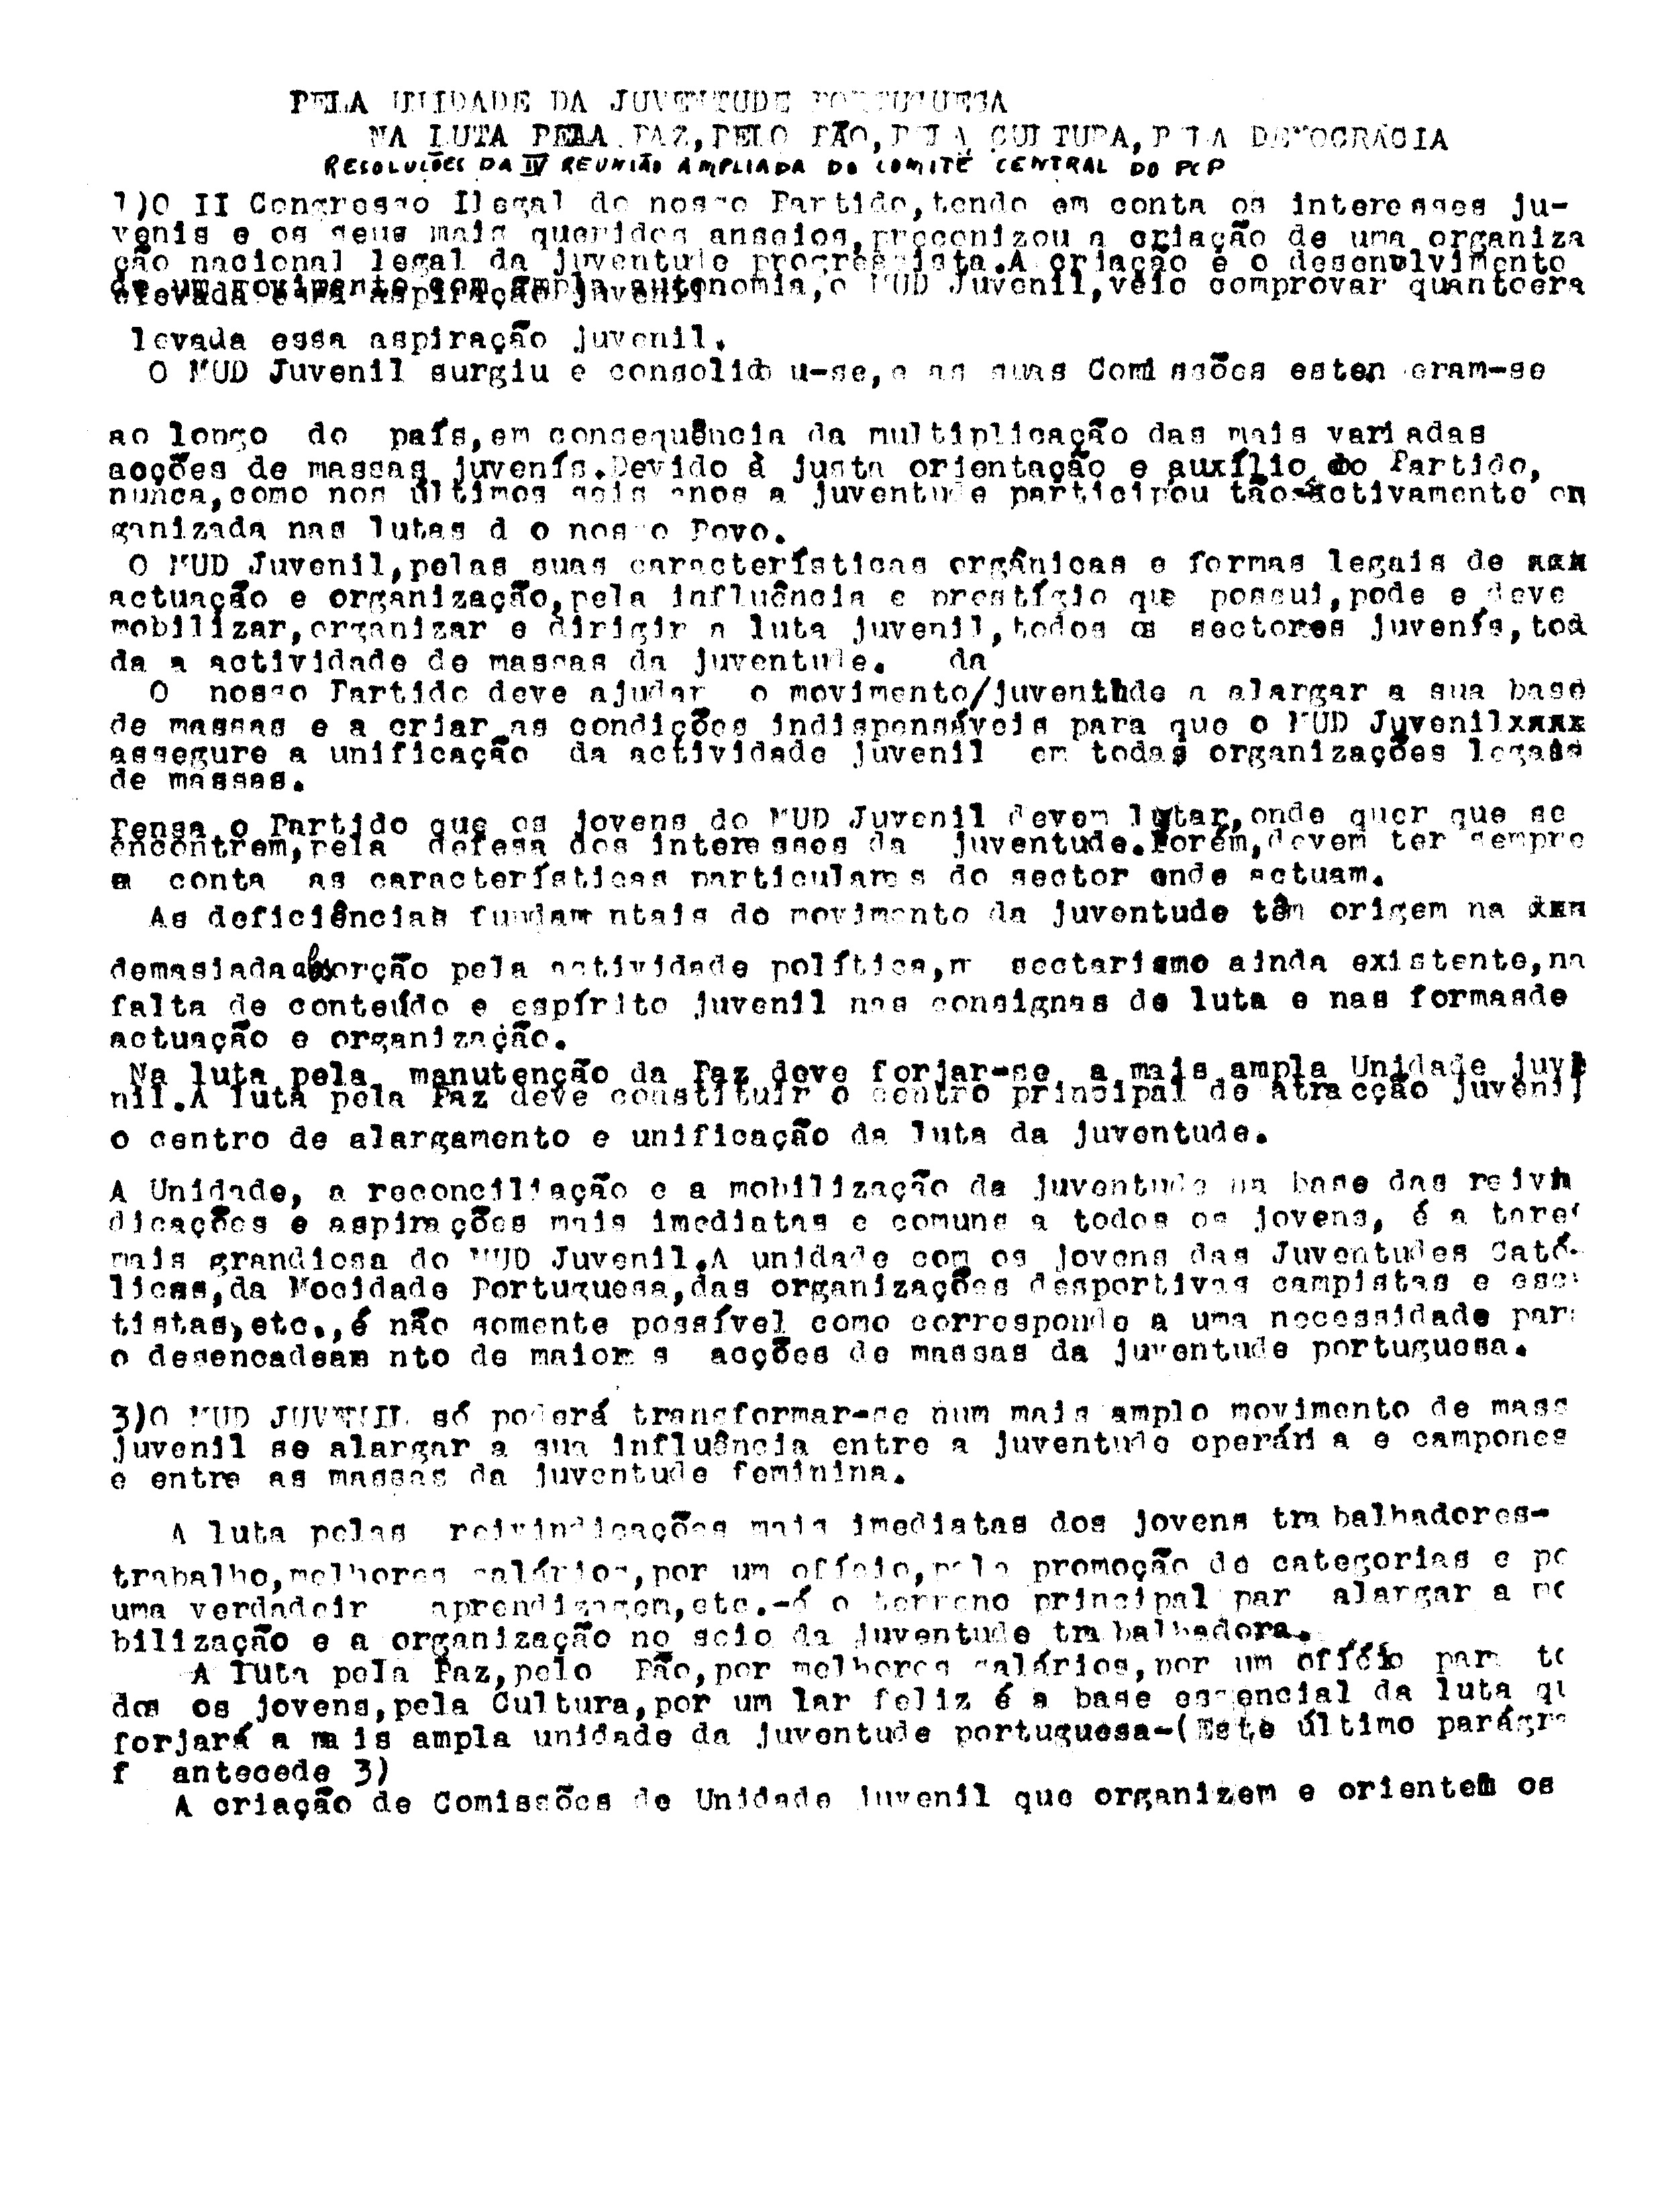 02969.020.002- pag.1